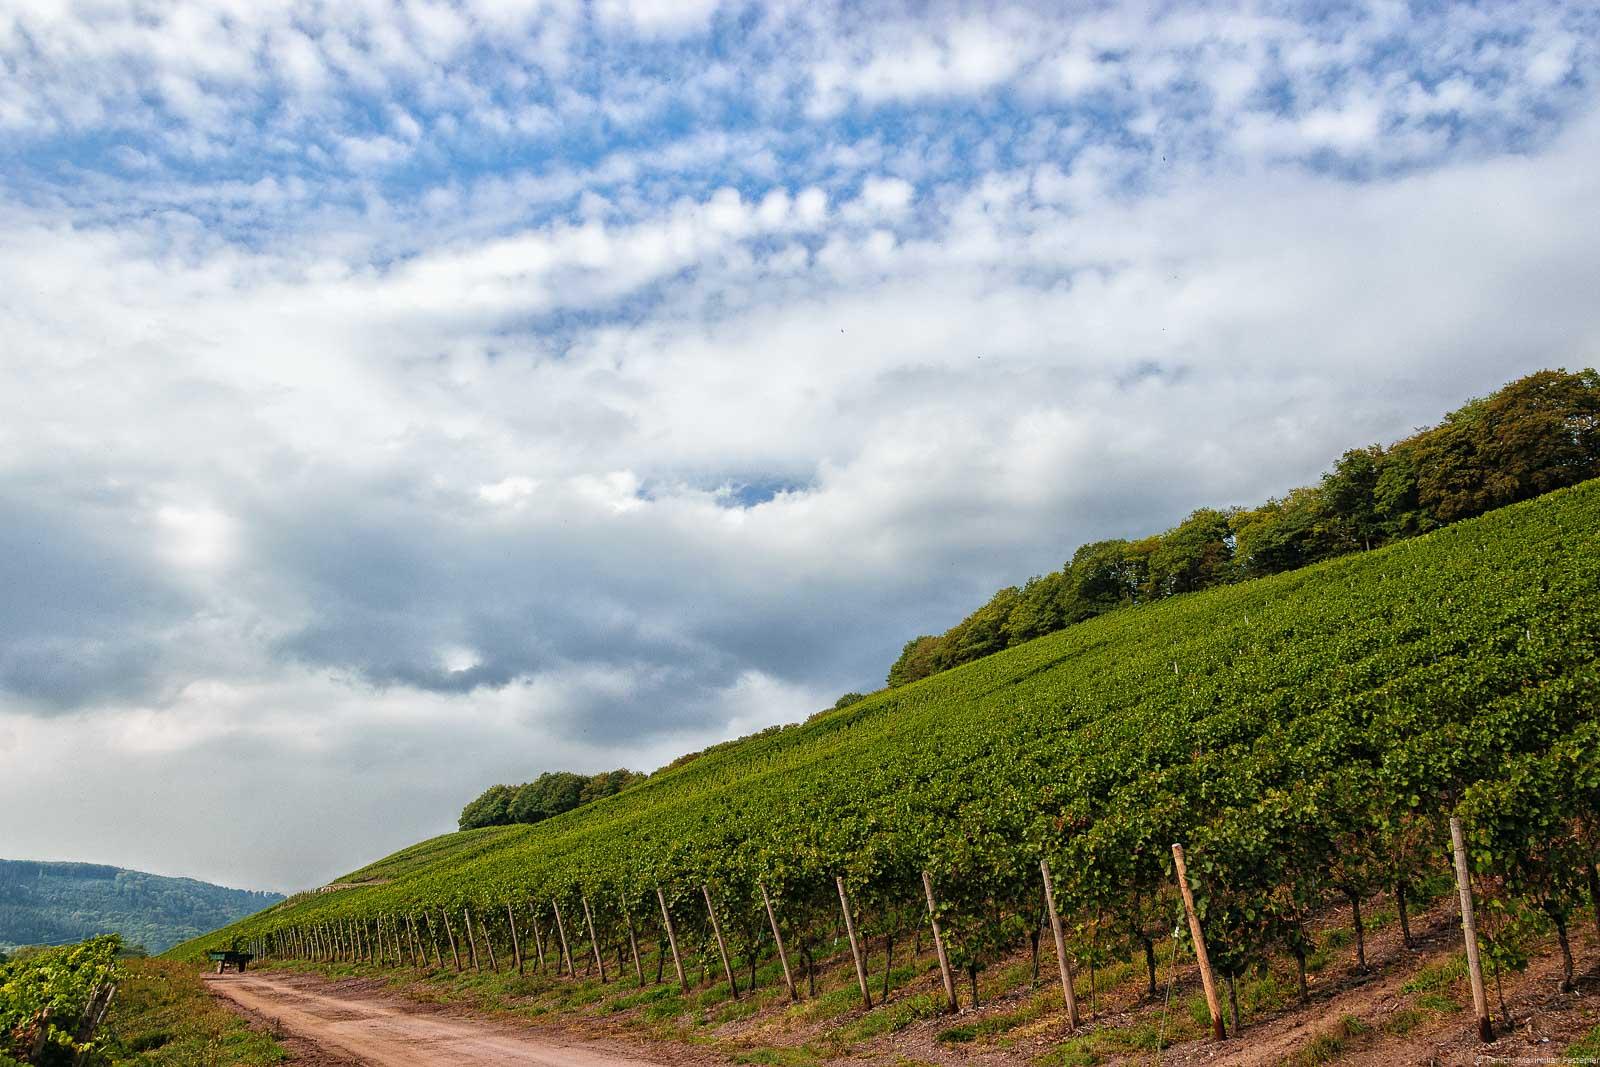 Mitten im Weinberg Ayler Kupp befindet sich ein weitere Weinberg. Es ist der Ayler Herrenberger. Vorne links verläuft ein rötlicher Schotter-Weg. Oben rechts am sind Bäume. Der blaue Himmel ist stark bewölkt.